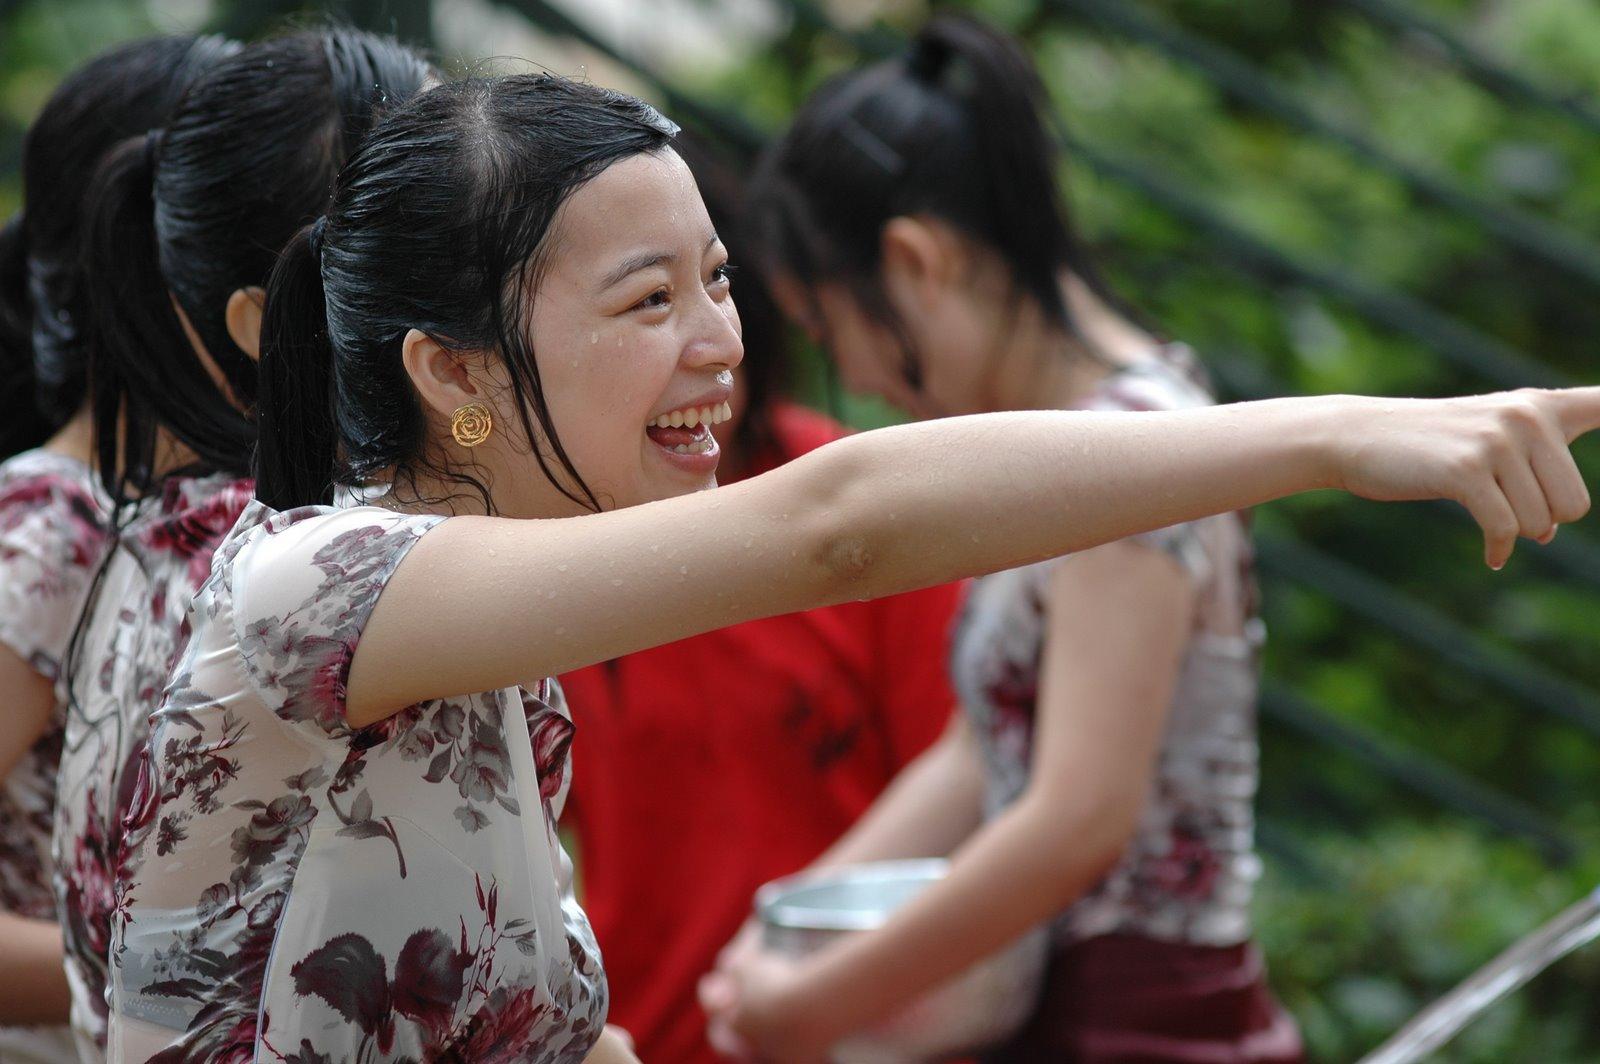 【濡れ透け】中国の「水掛け祭り」とかいうギャラリーが男だらけのイベントwwwwwwwwwwww・27枚目